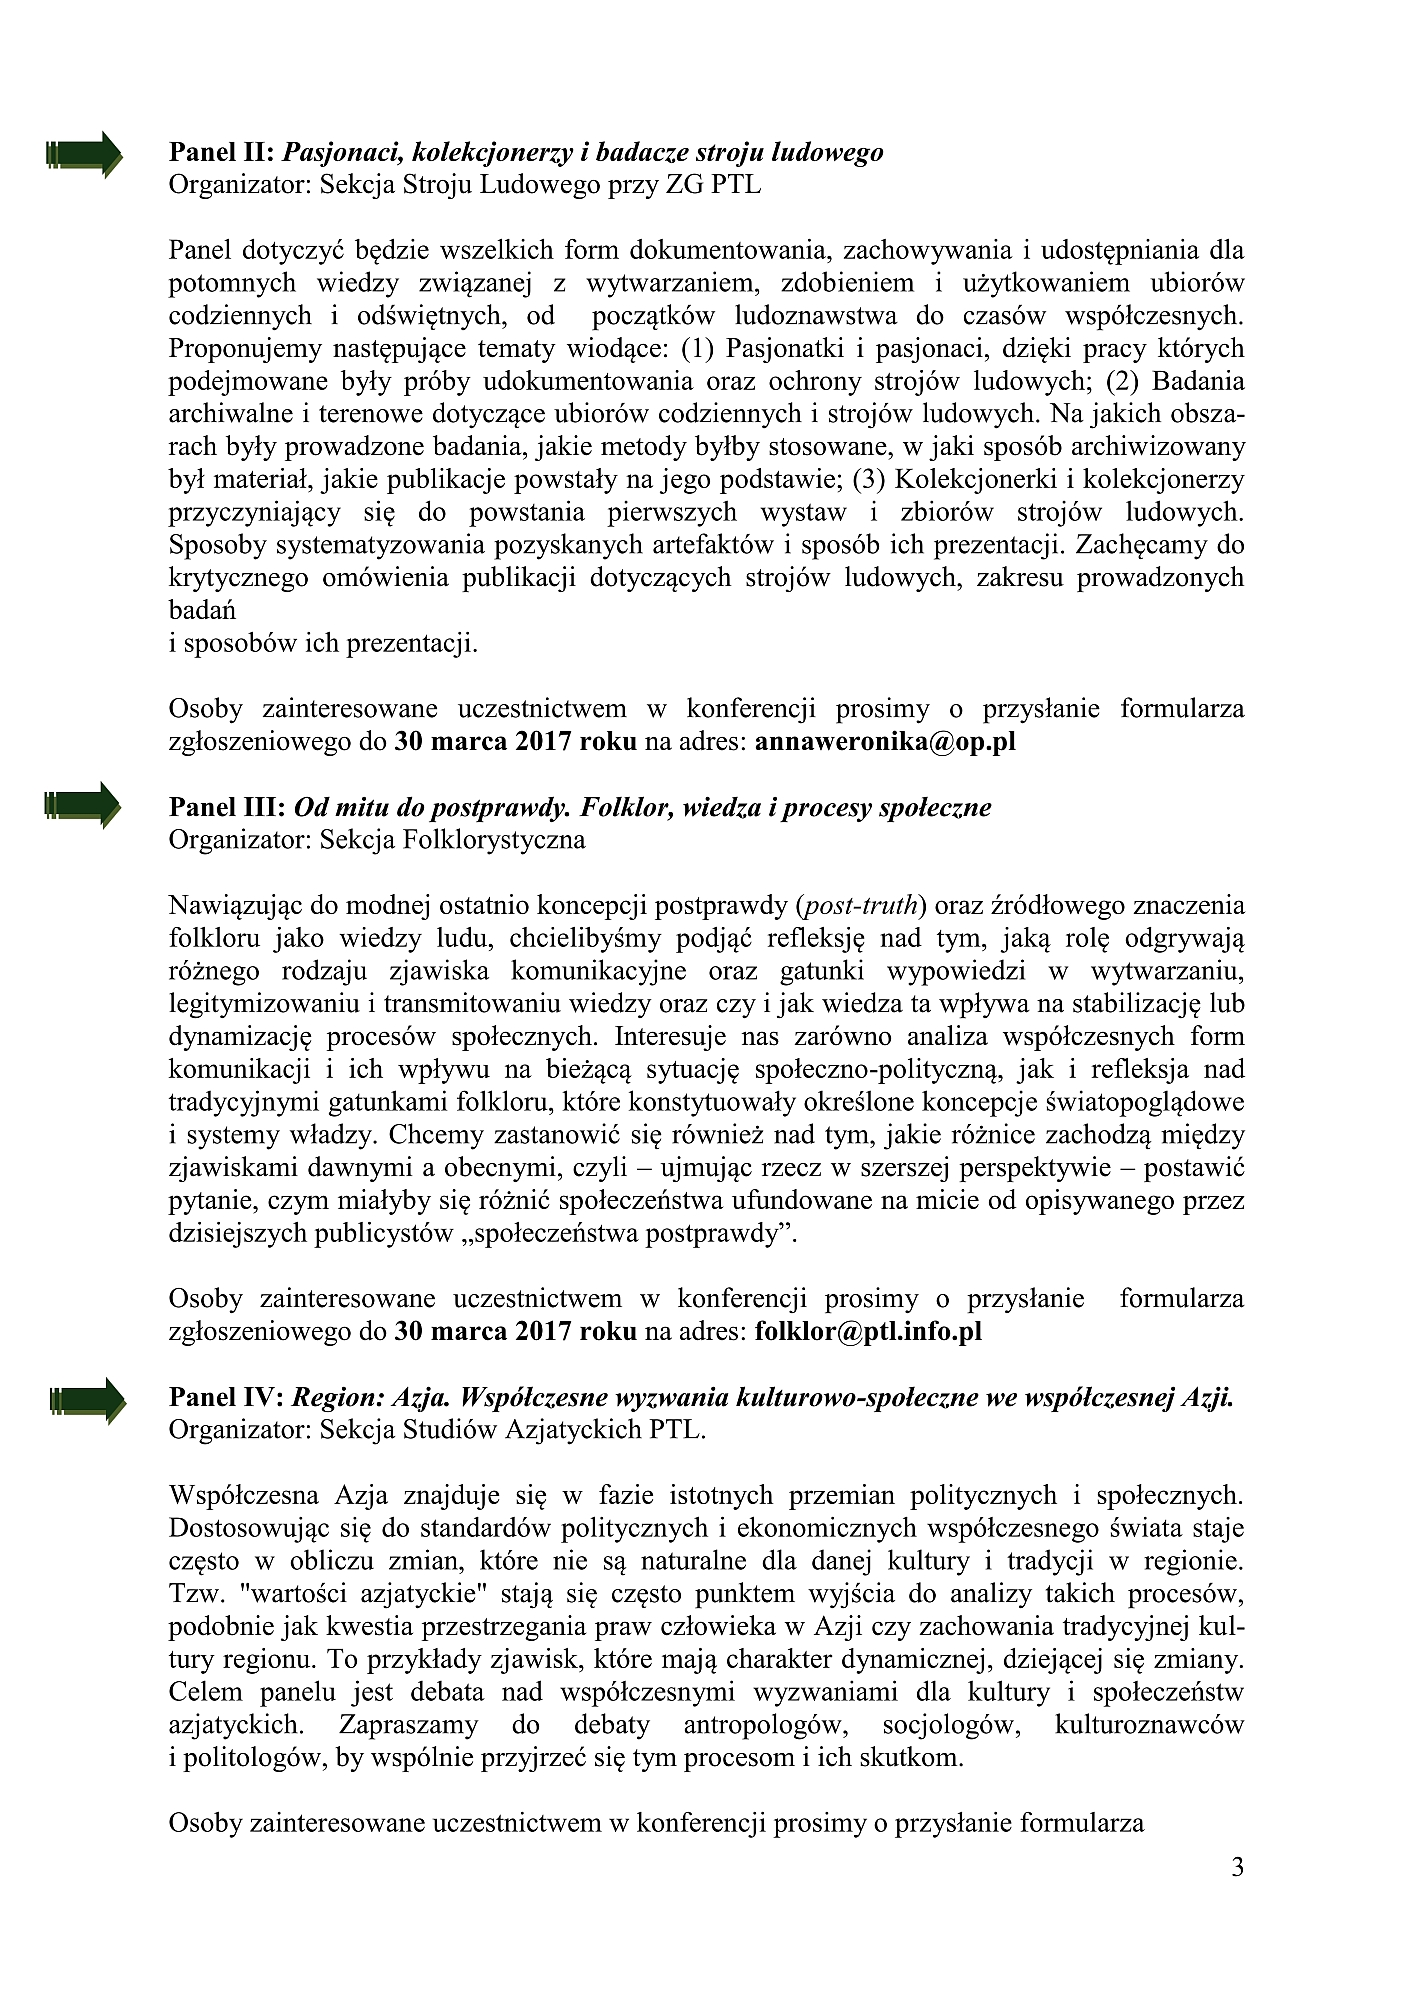 Zaproszenie na Konferencję PTL Gniewino 2017.06.02_03